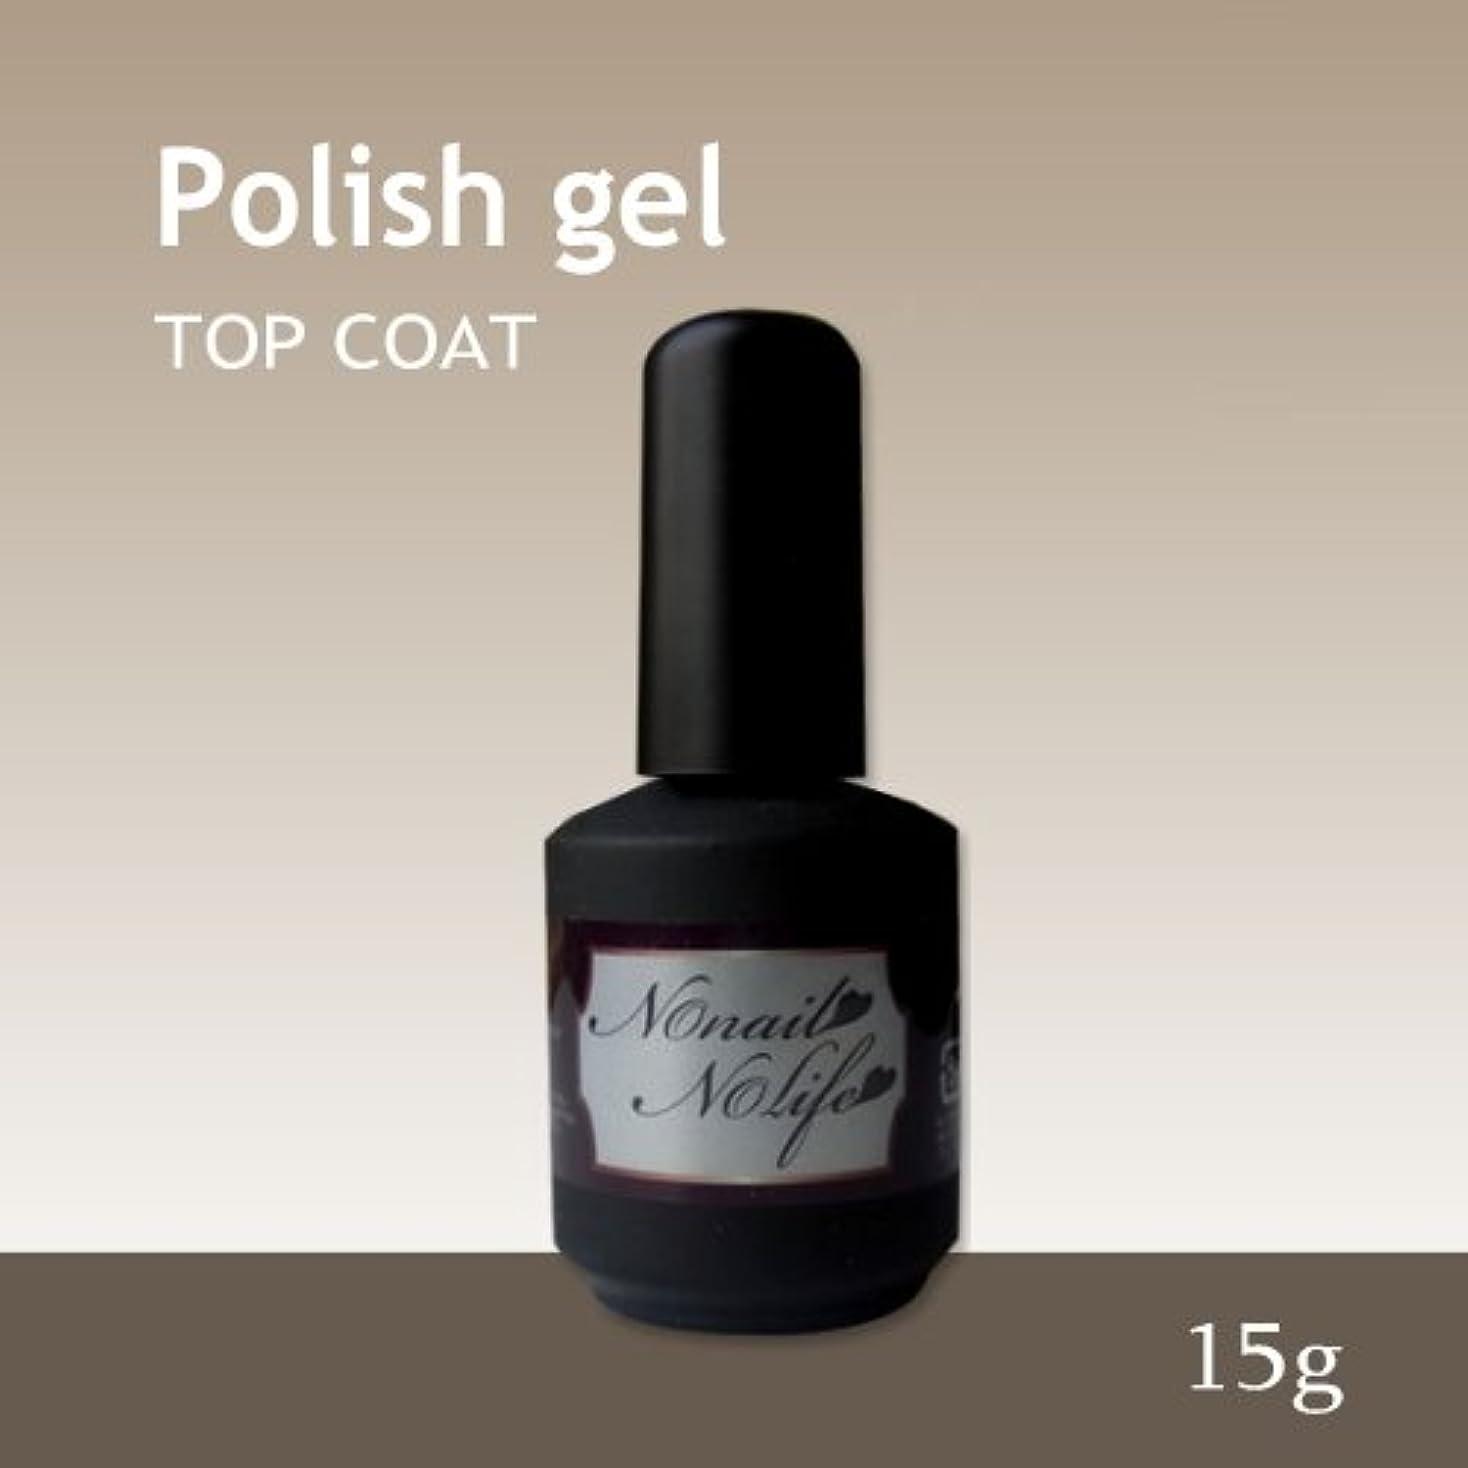 試み順応性タンパク質ジェルネイル《爪に優しいトップコートジェル》Natural Polish ポリッシュトップジェル(15g)